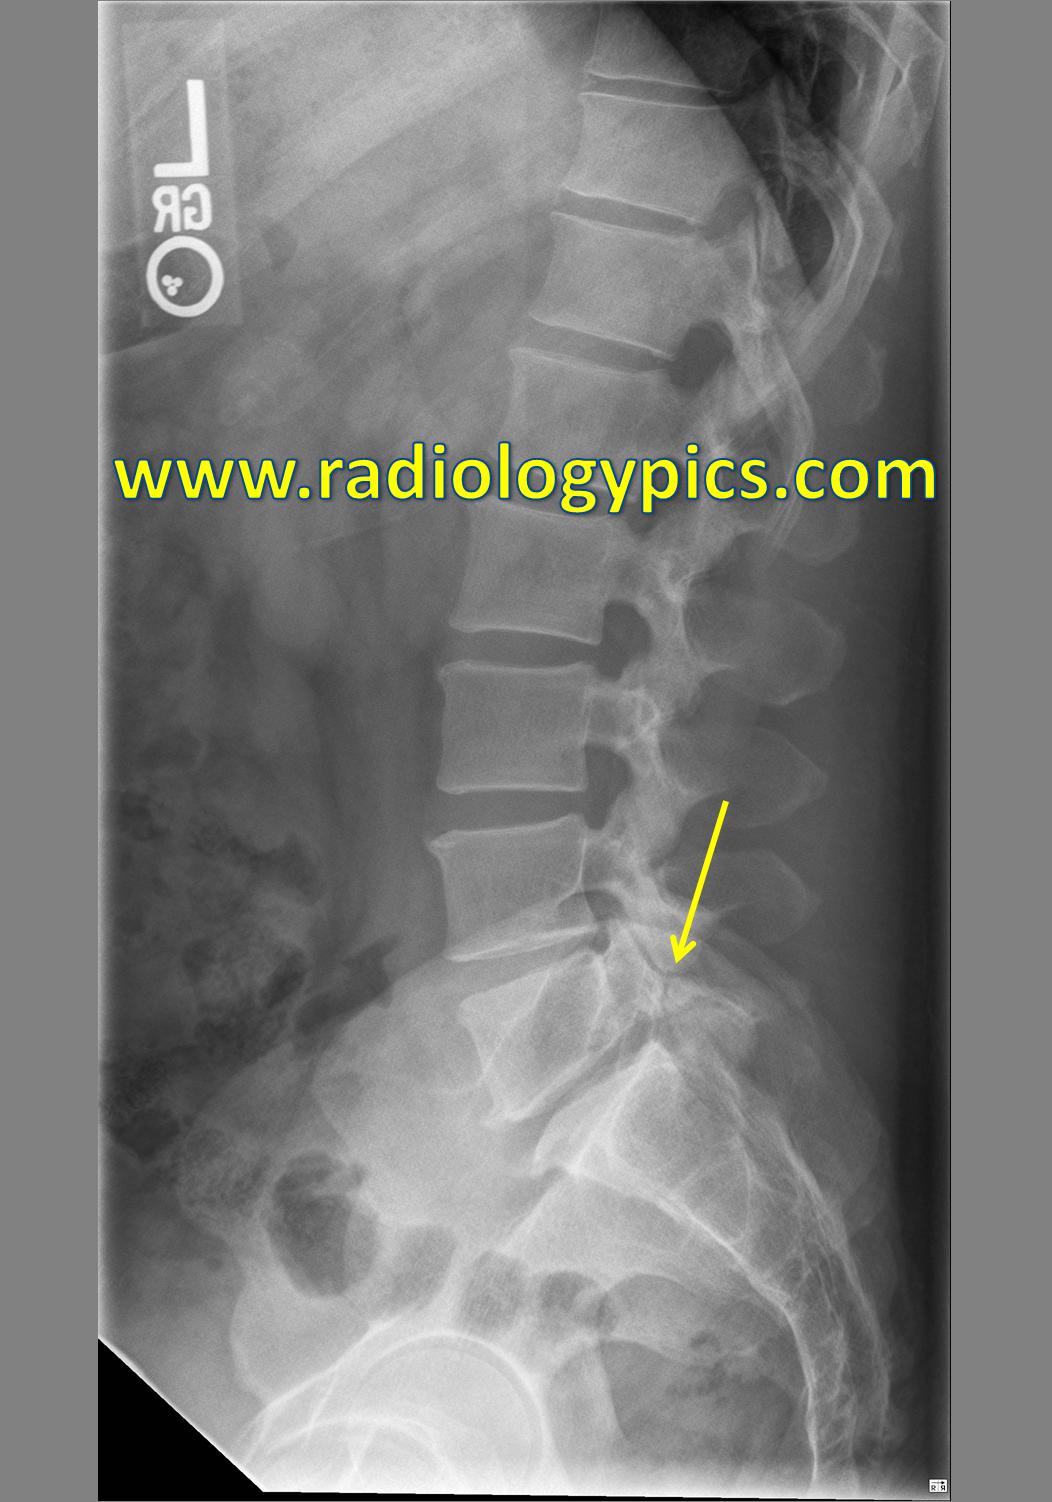 L4 Pars Fracture